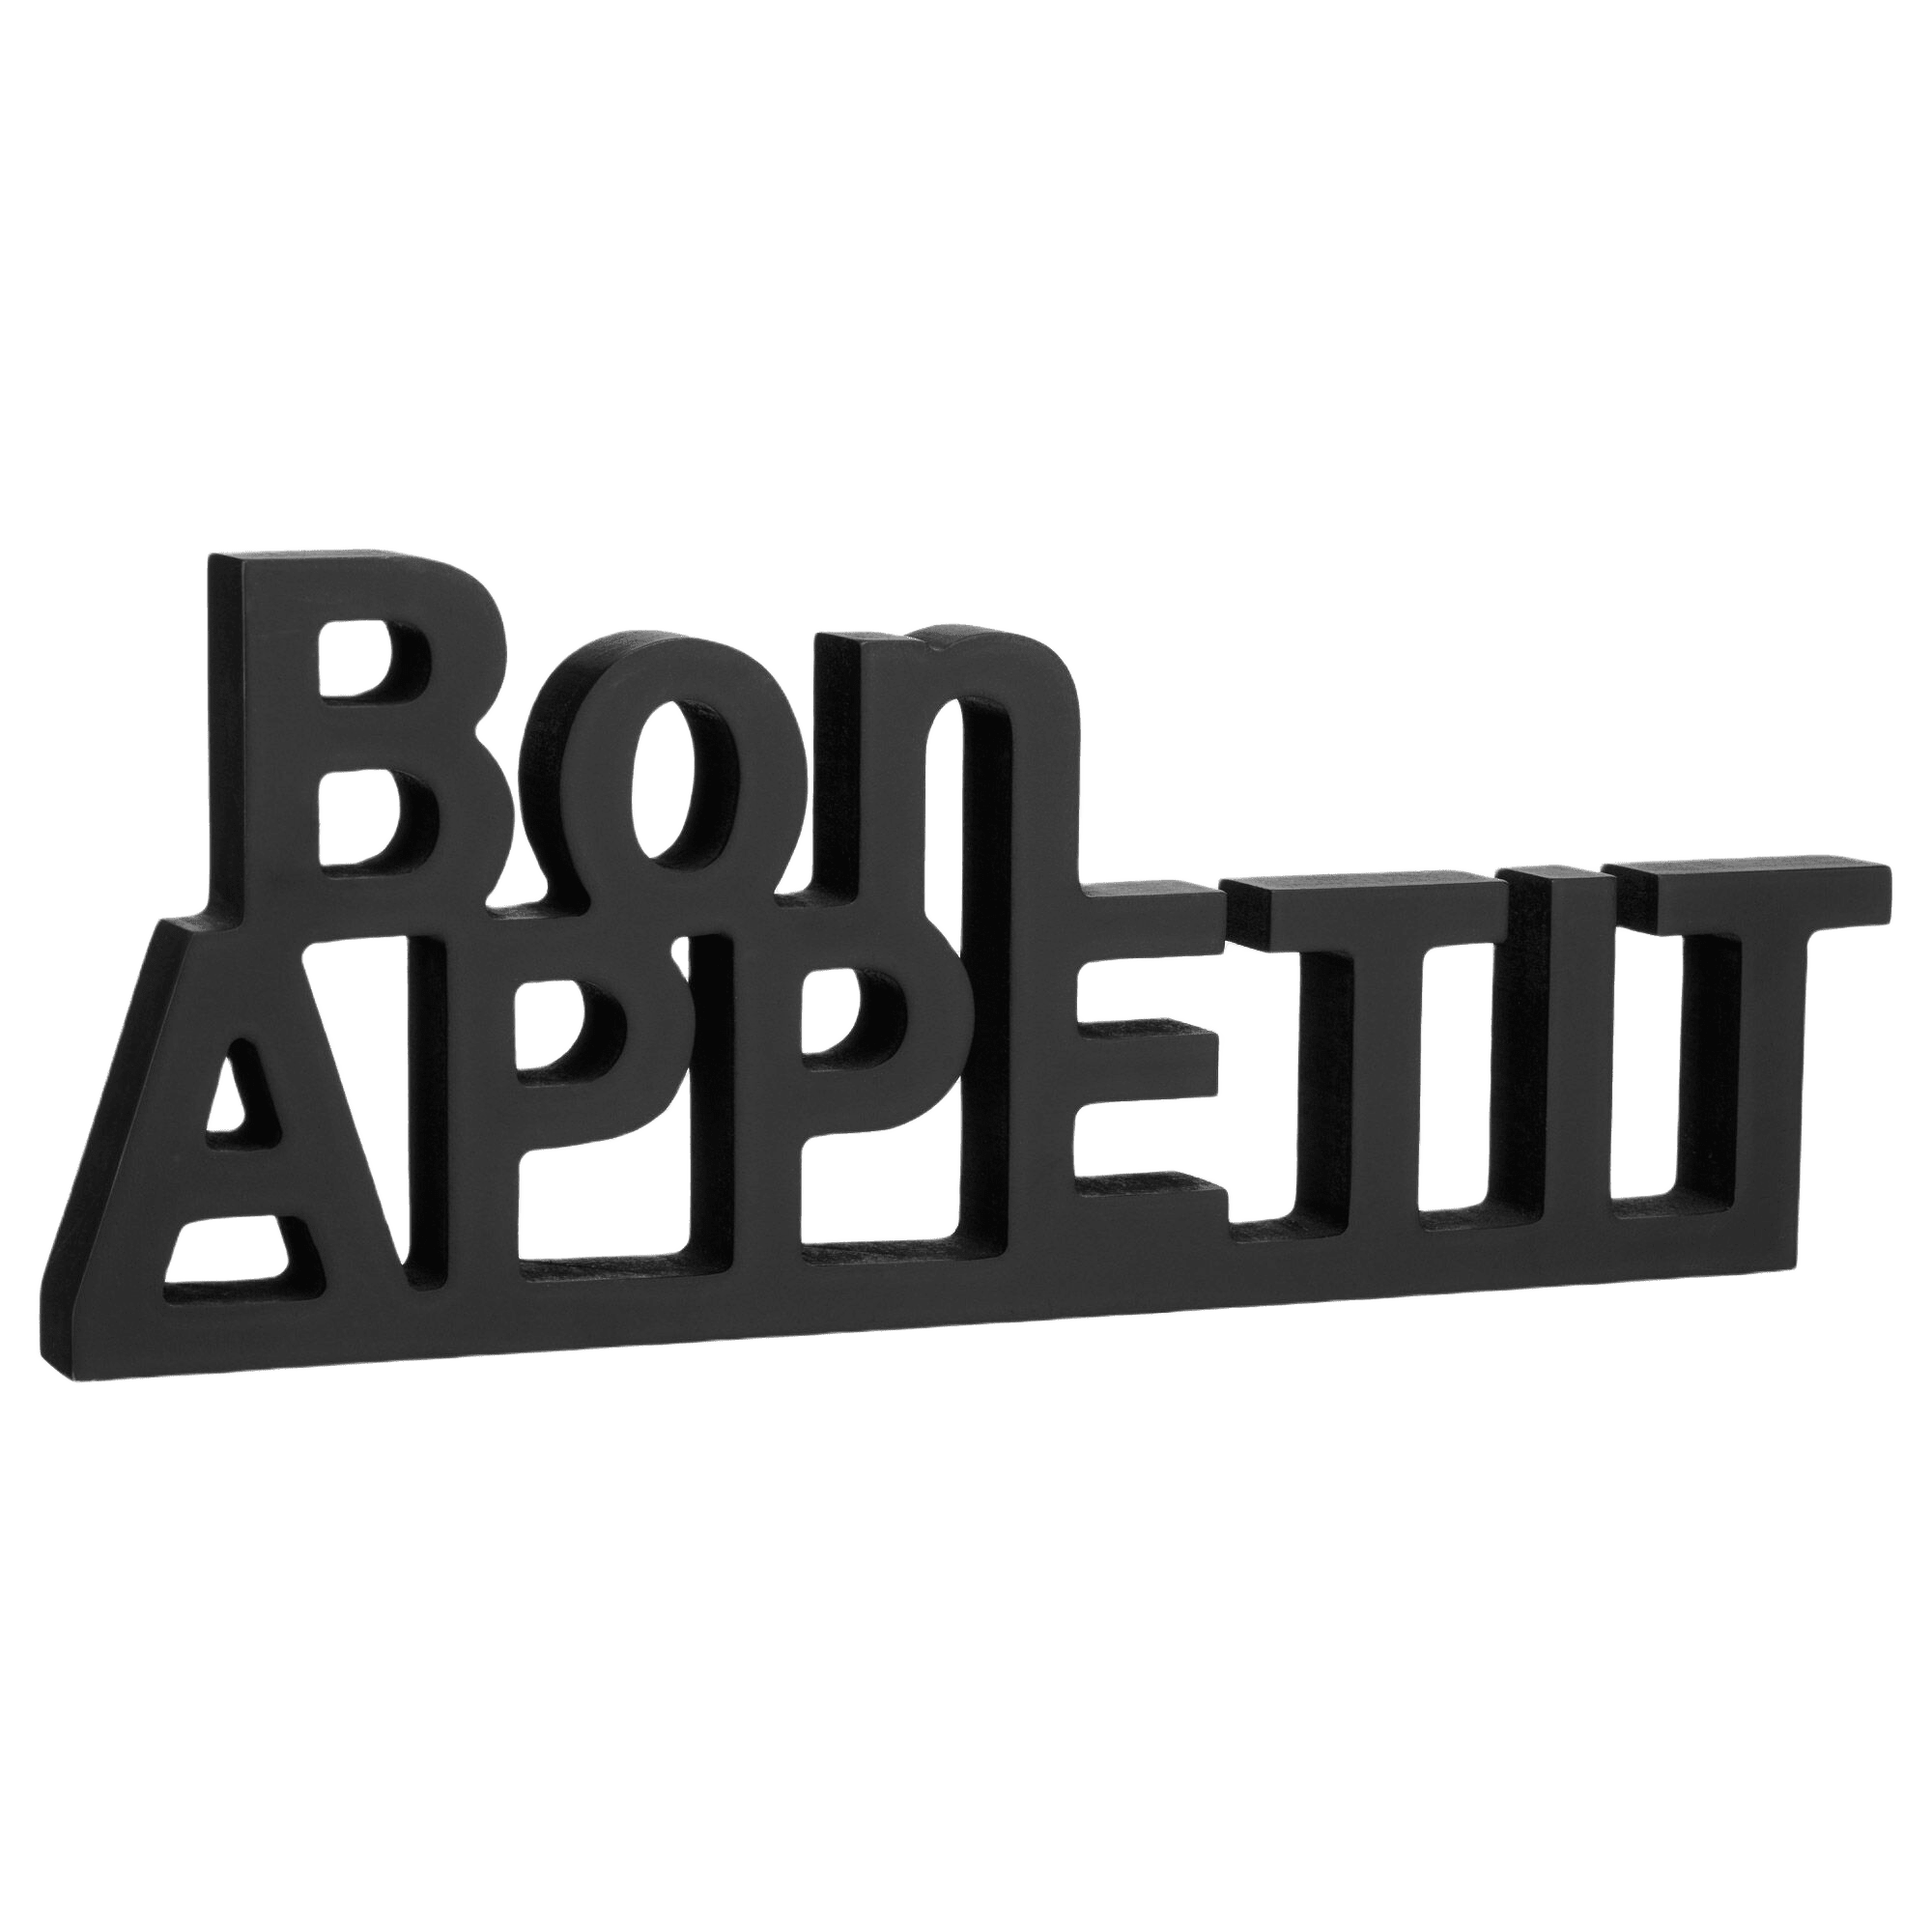 Decorative Words Bon Appetit 36 x 14.25 cm.